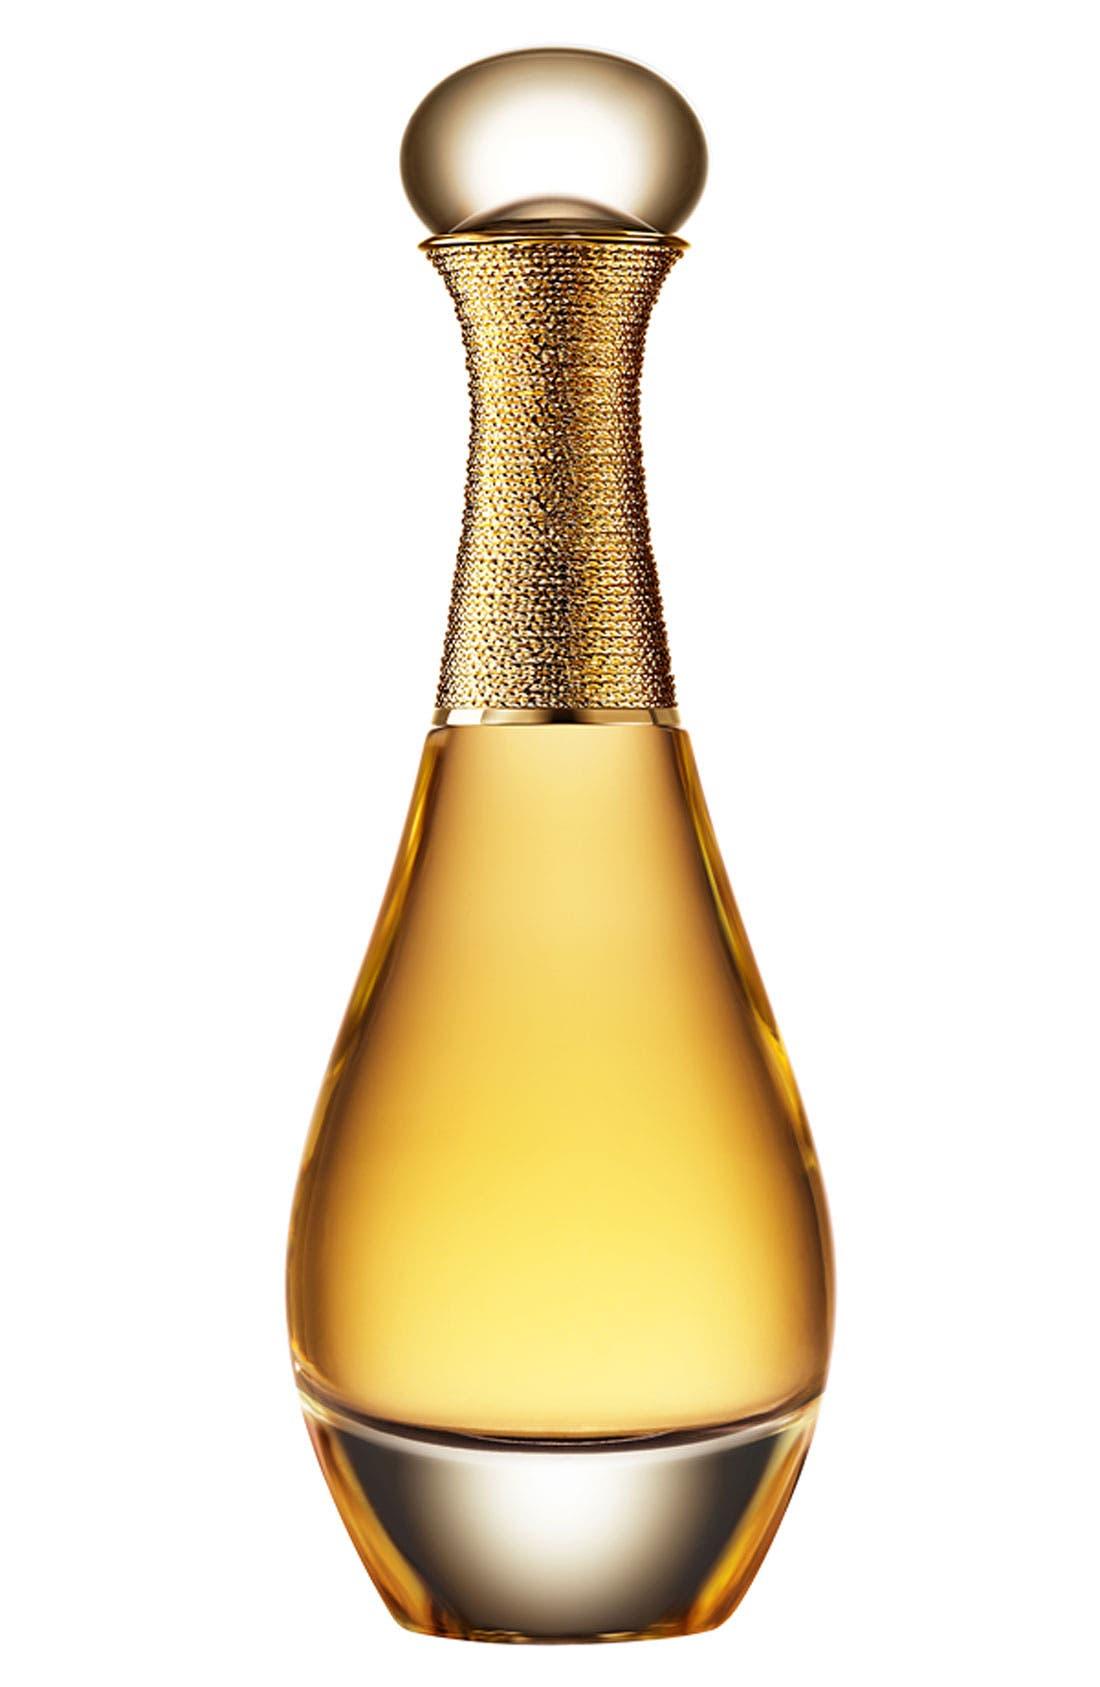 Dior 'J'adore L'or' Essence de Parfum